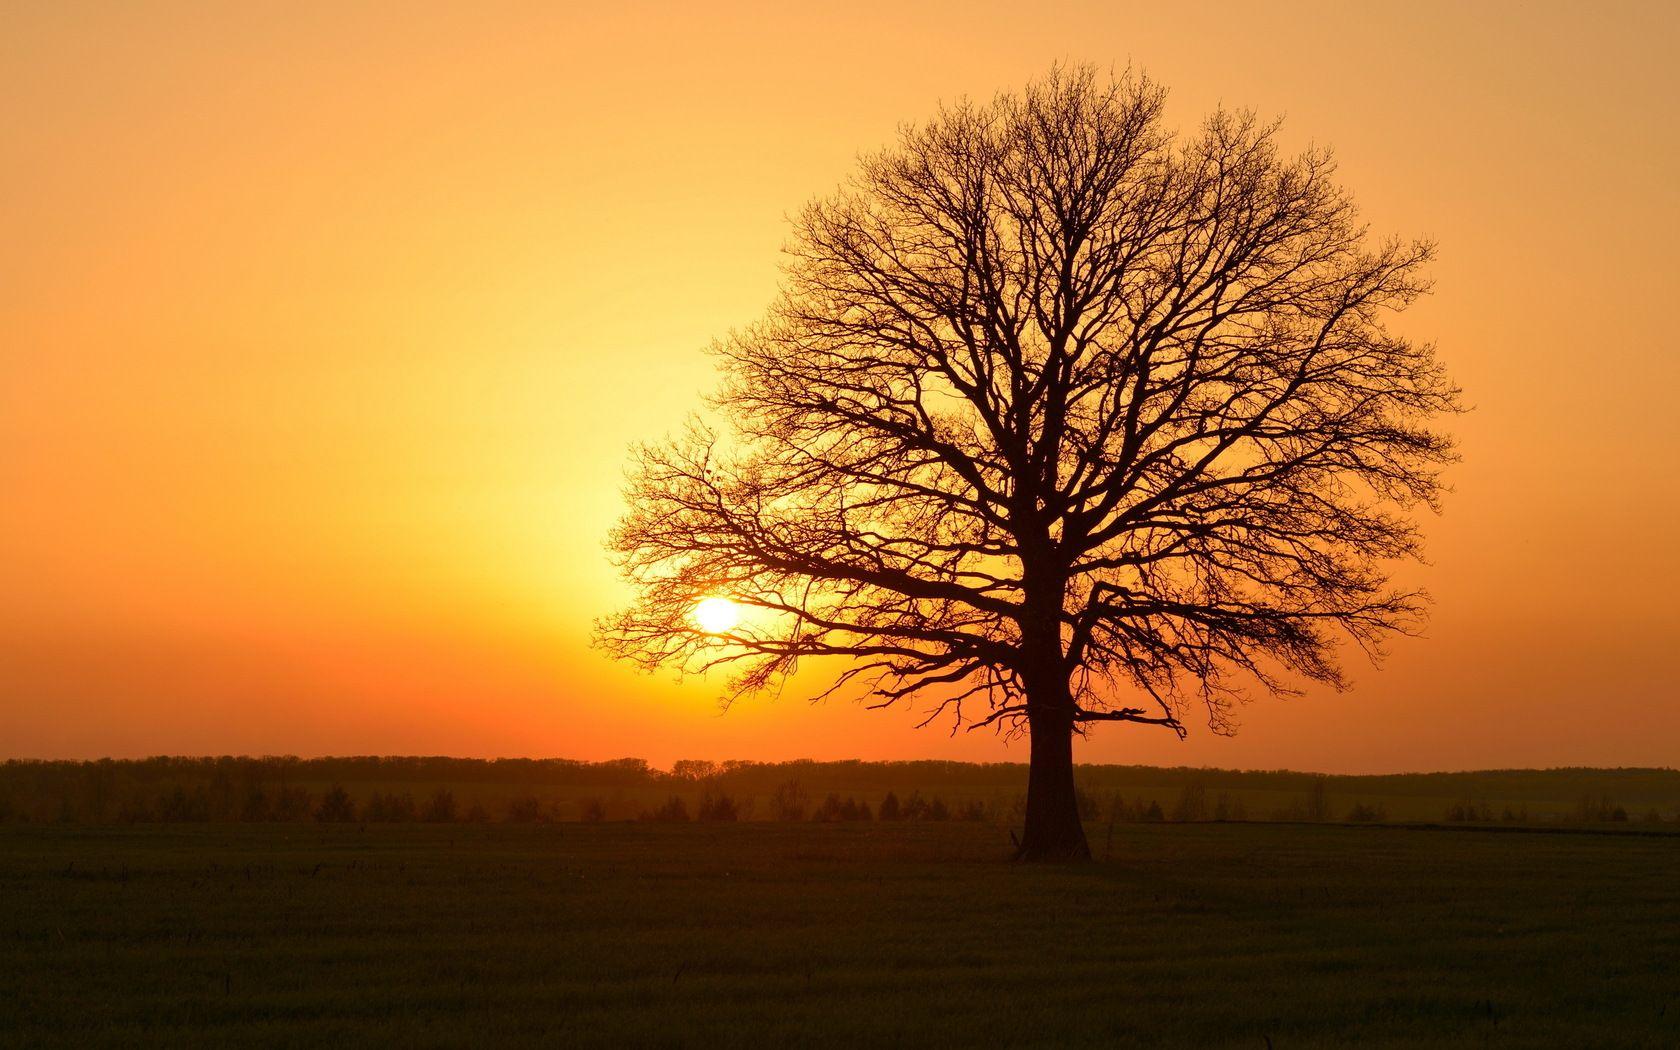 Golden Tree Sunset Sunrise Sunset Hd Wallpaper